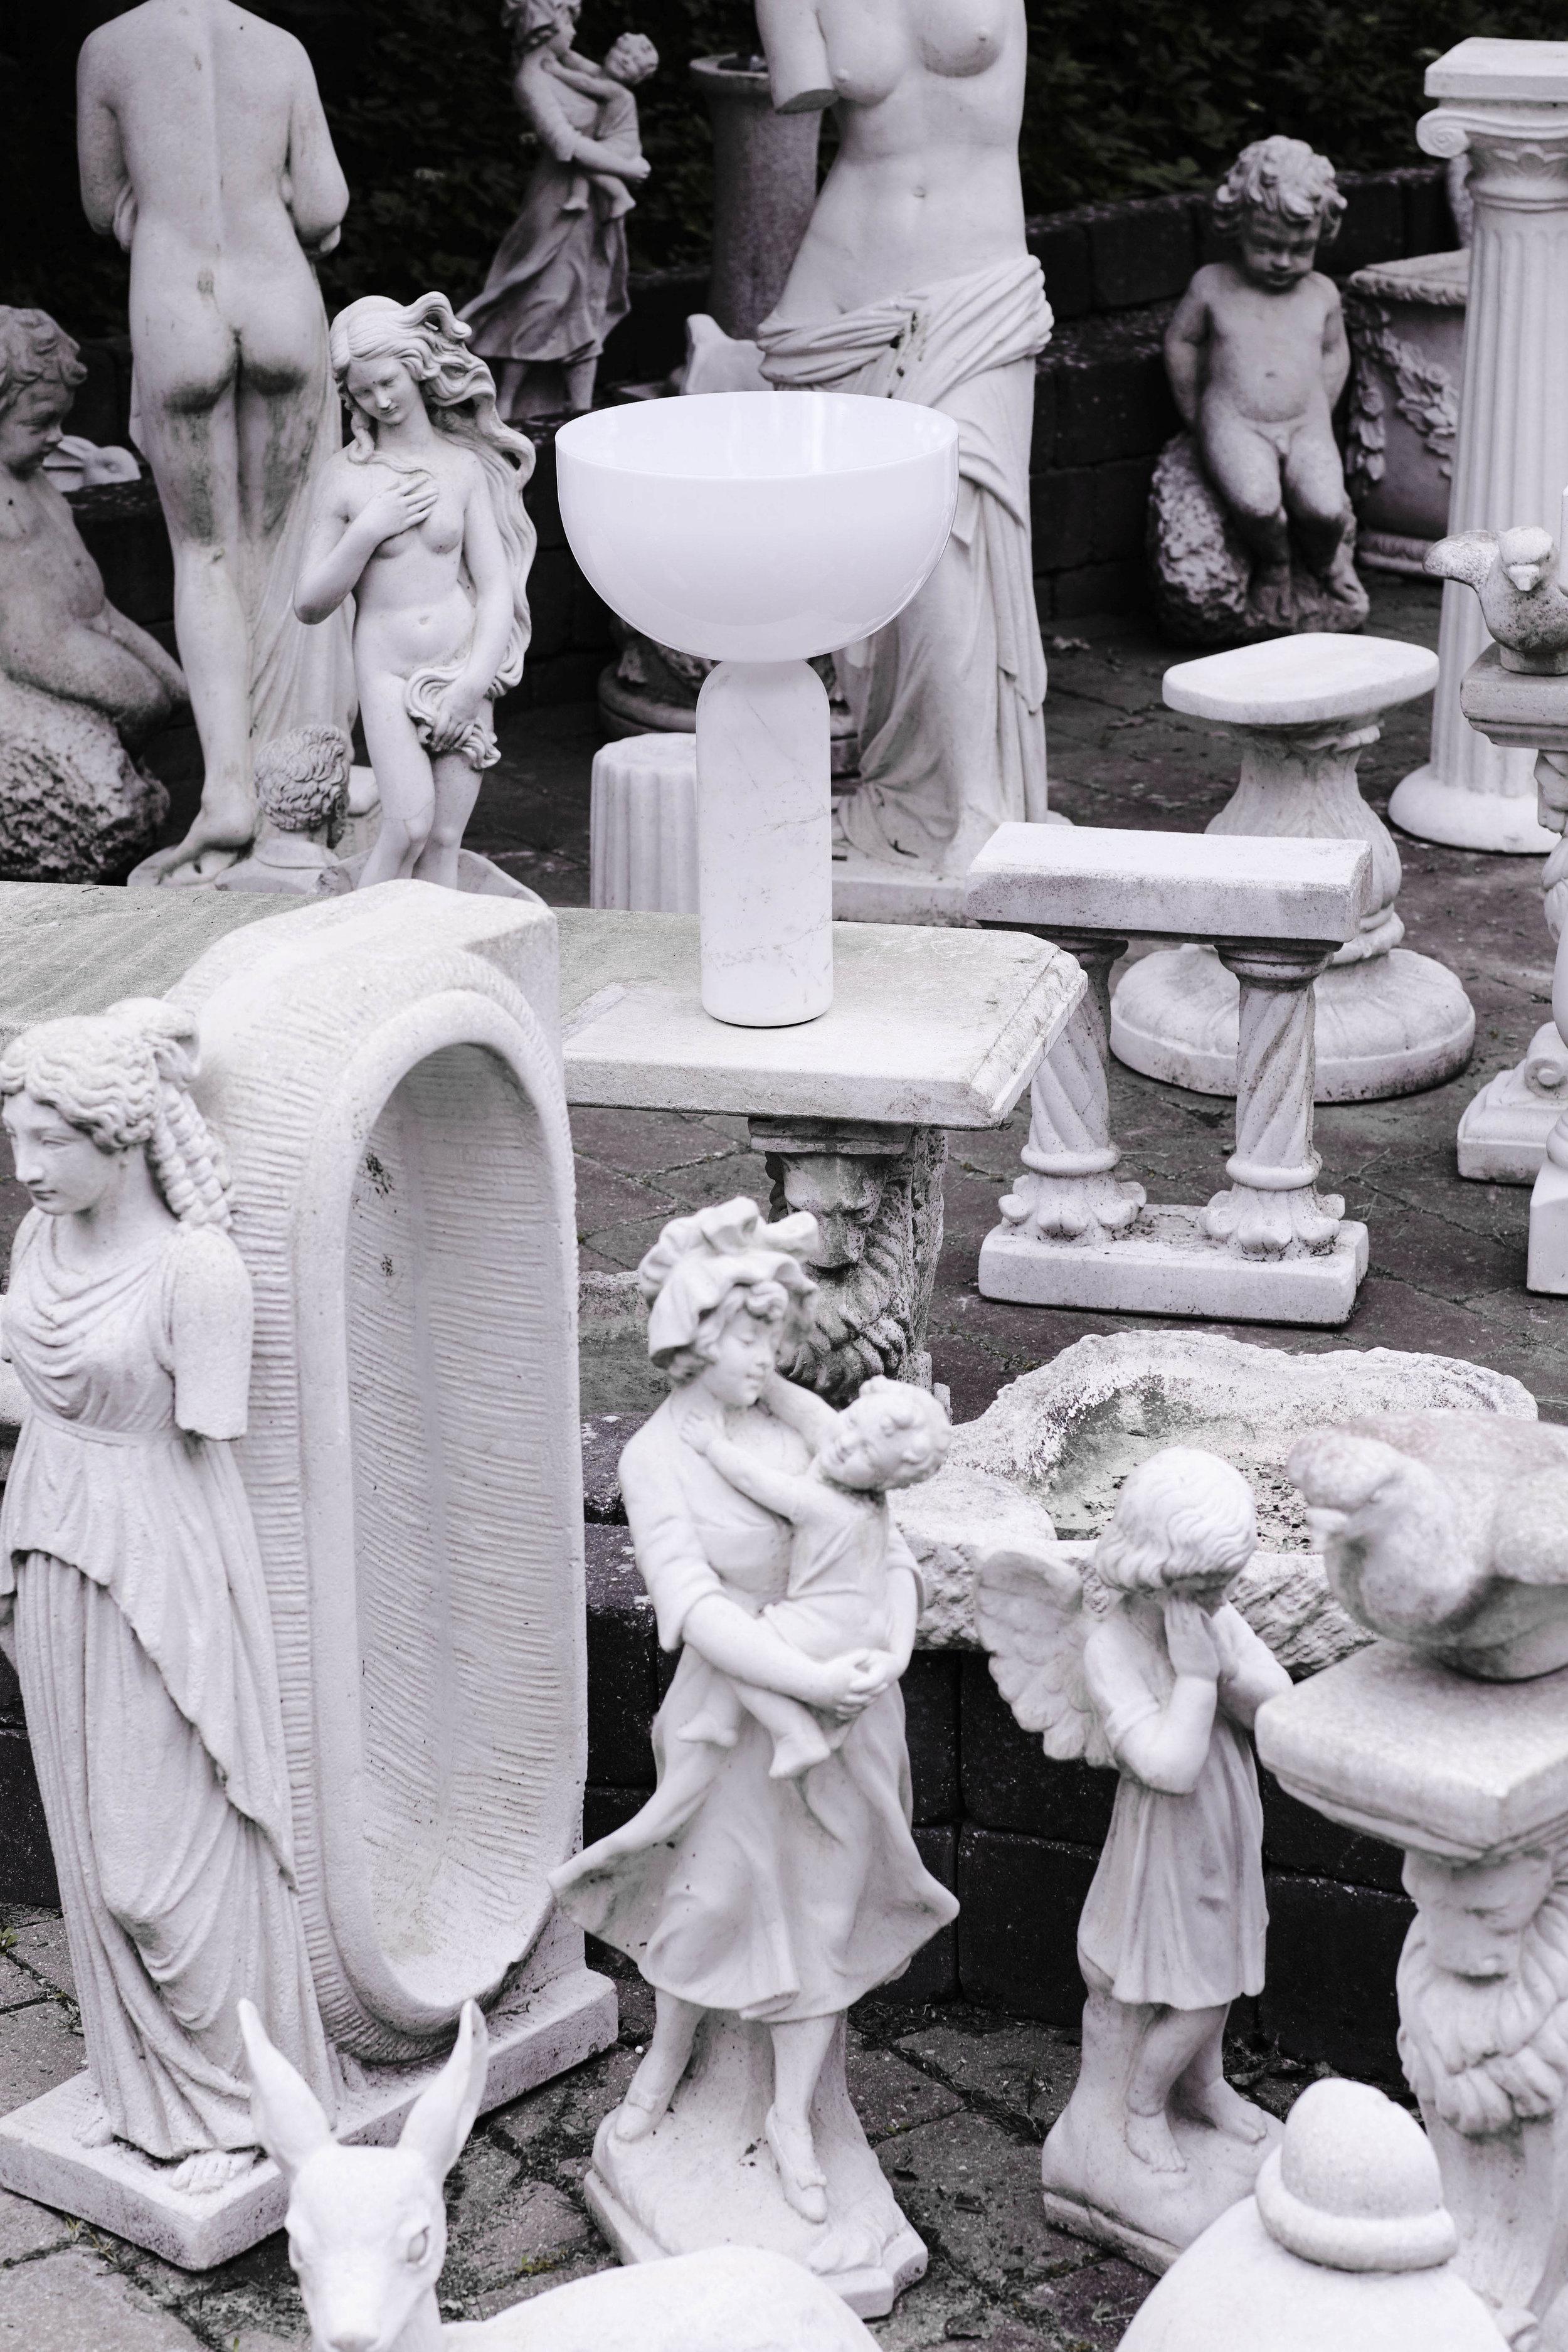 Kizu Table Lamp, Falke Granite, Image, New Works, Low Res.jpg